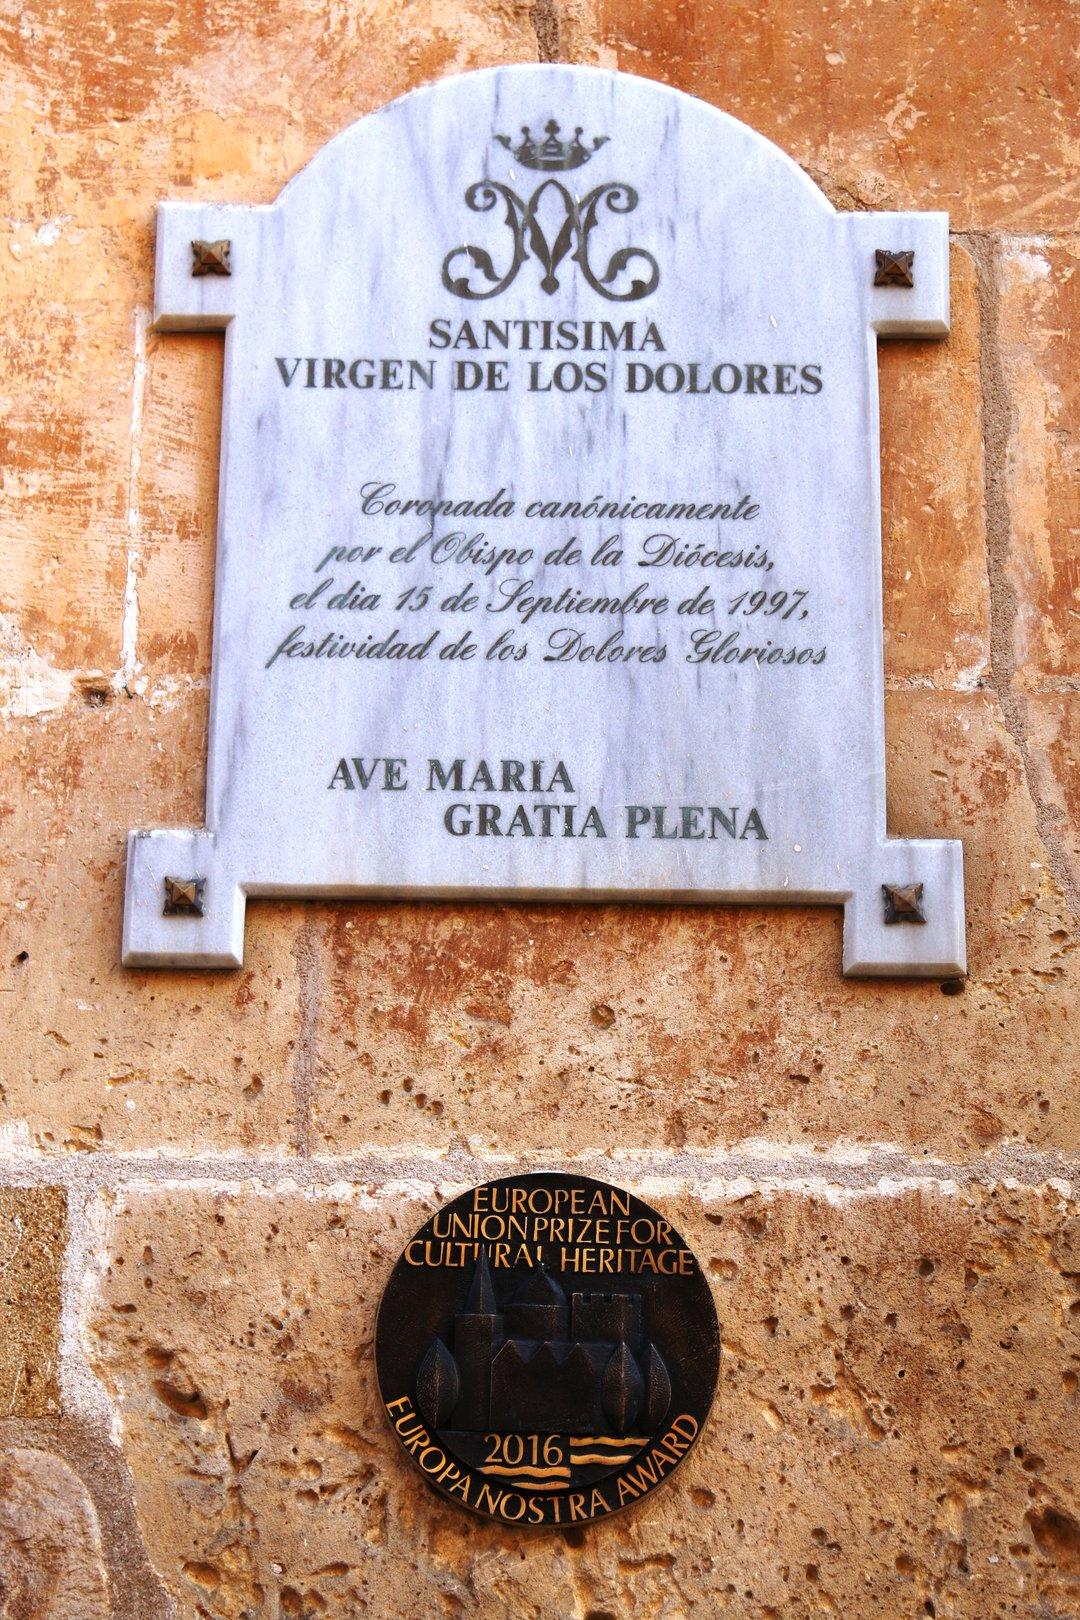 Parroquia Santísima Virgen de los Dolores de Lorca